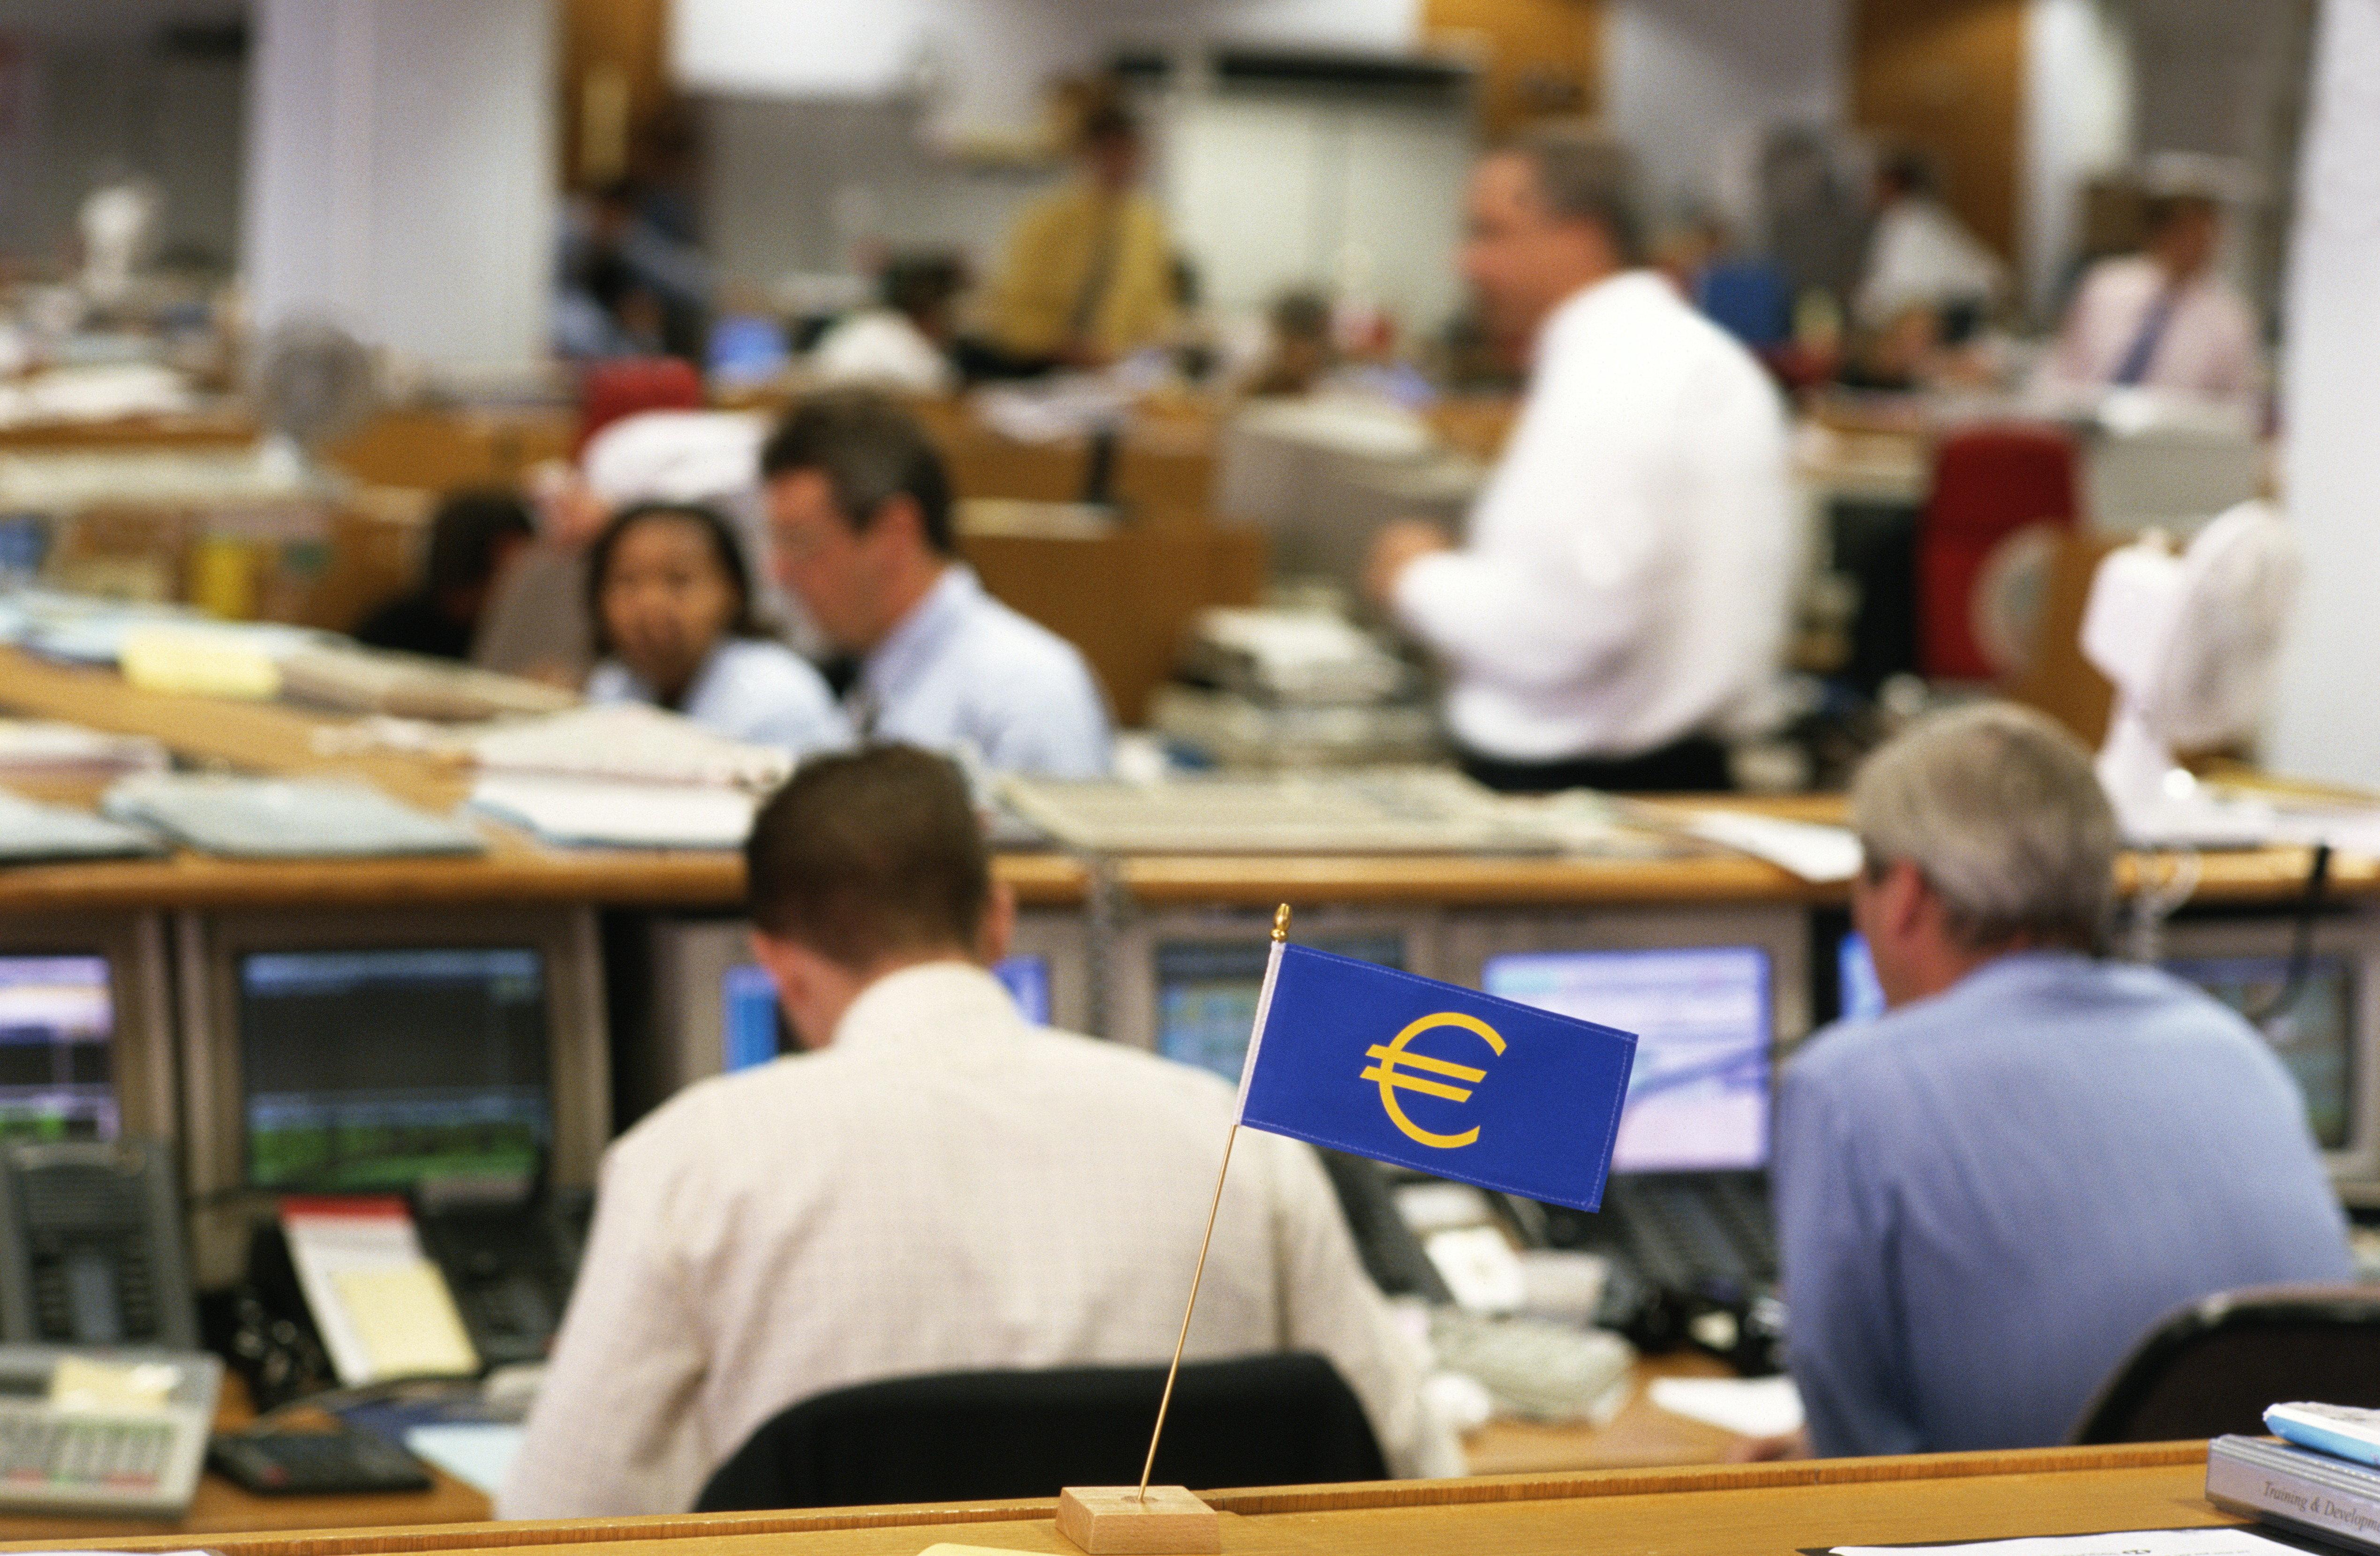 Πρόεδρος EuroWorkingGroup: Επέκταση της περιόδου αποπληρωμής των δανείων του EFSF και εξαγορά των δανείων του ΔΝΤ για την ελά...